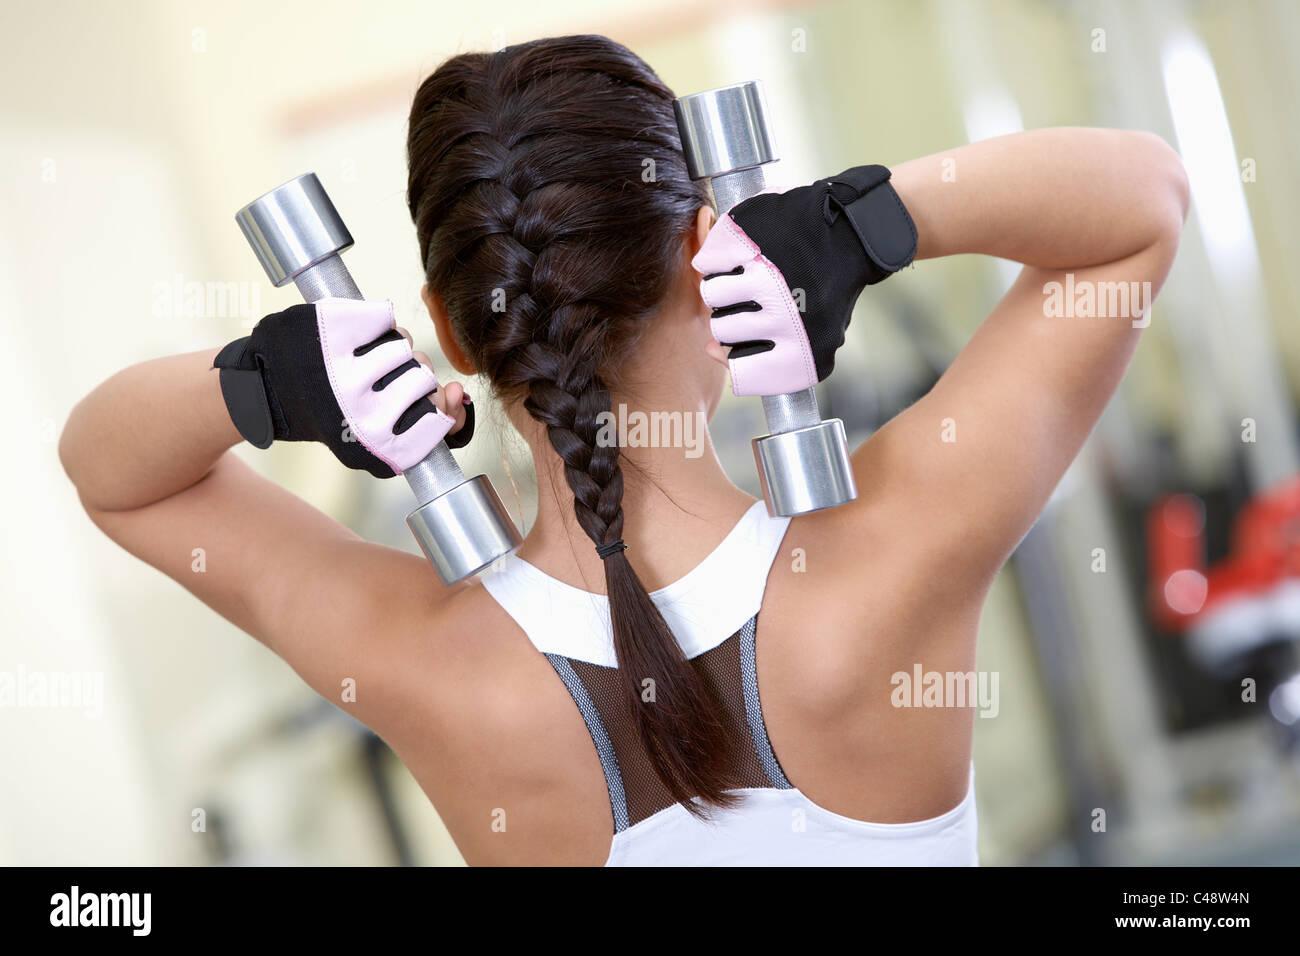 Vista trasera de hembras jóvenes de hacer ejercicios con pesas en el gimnasio Imagen De Stock